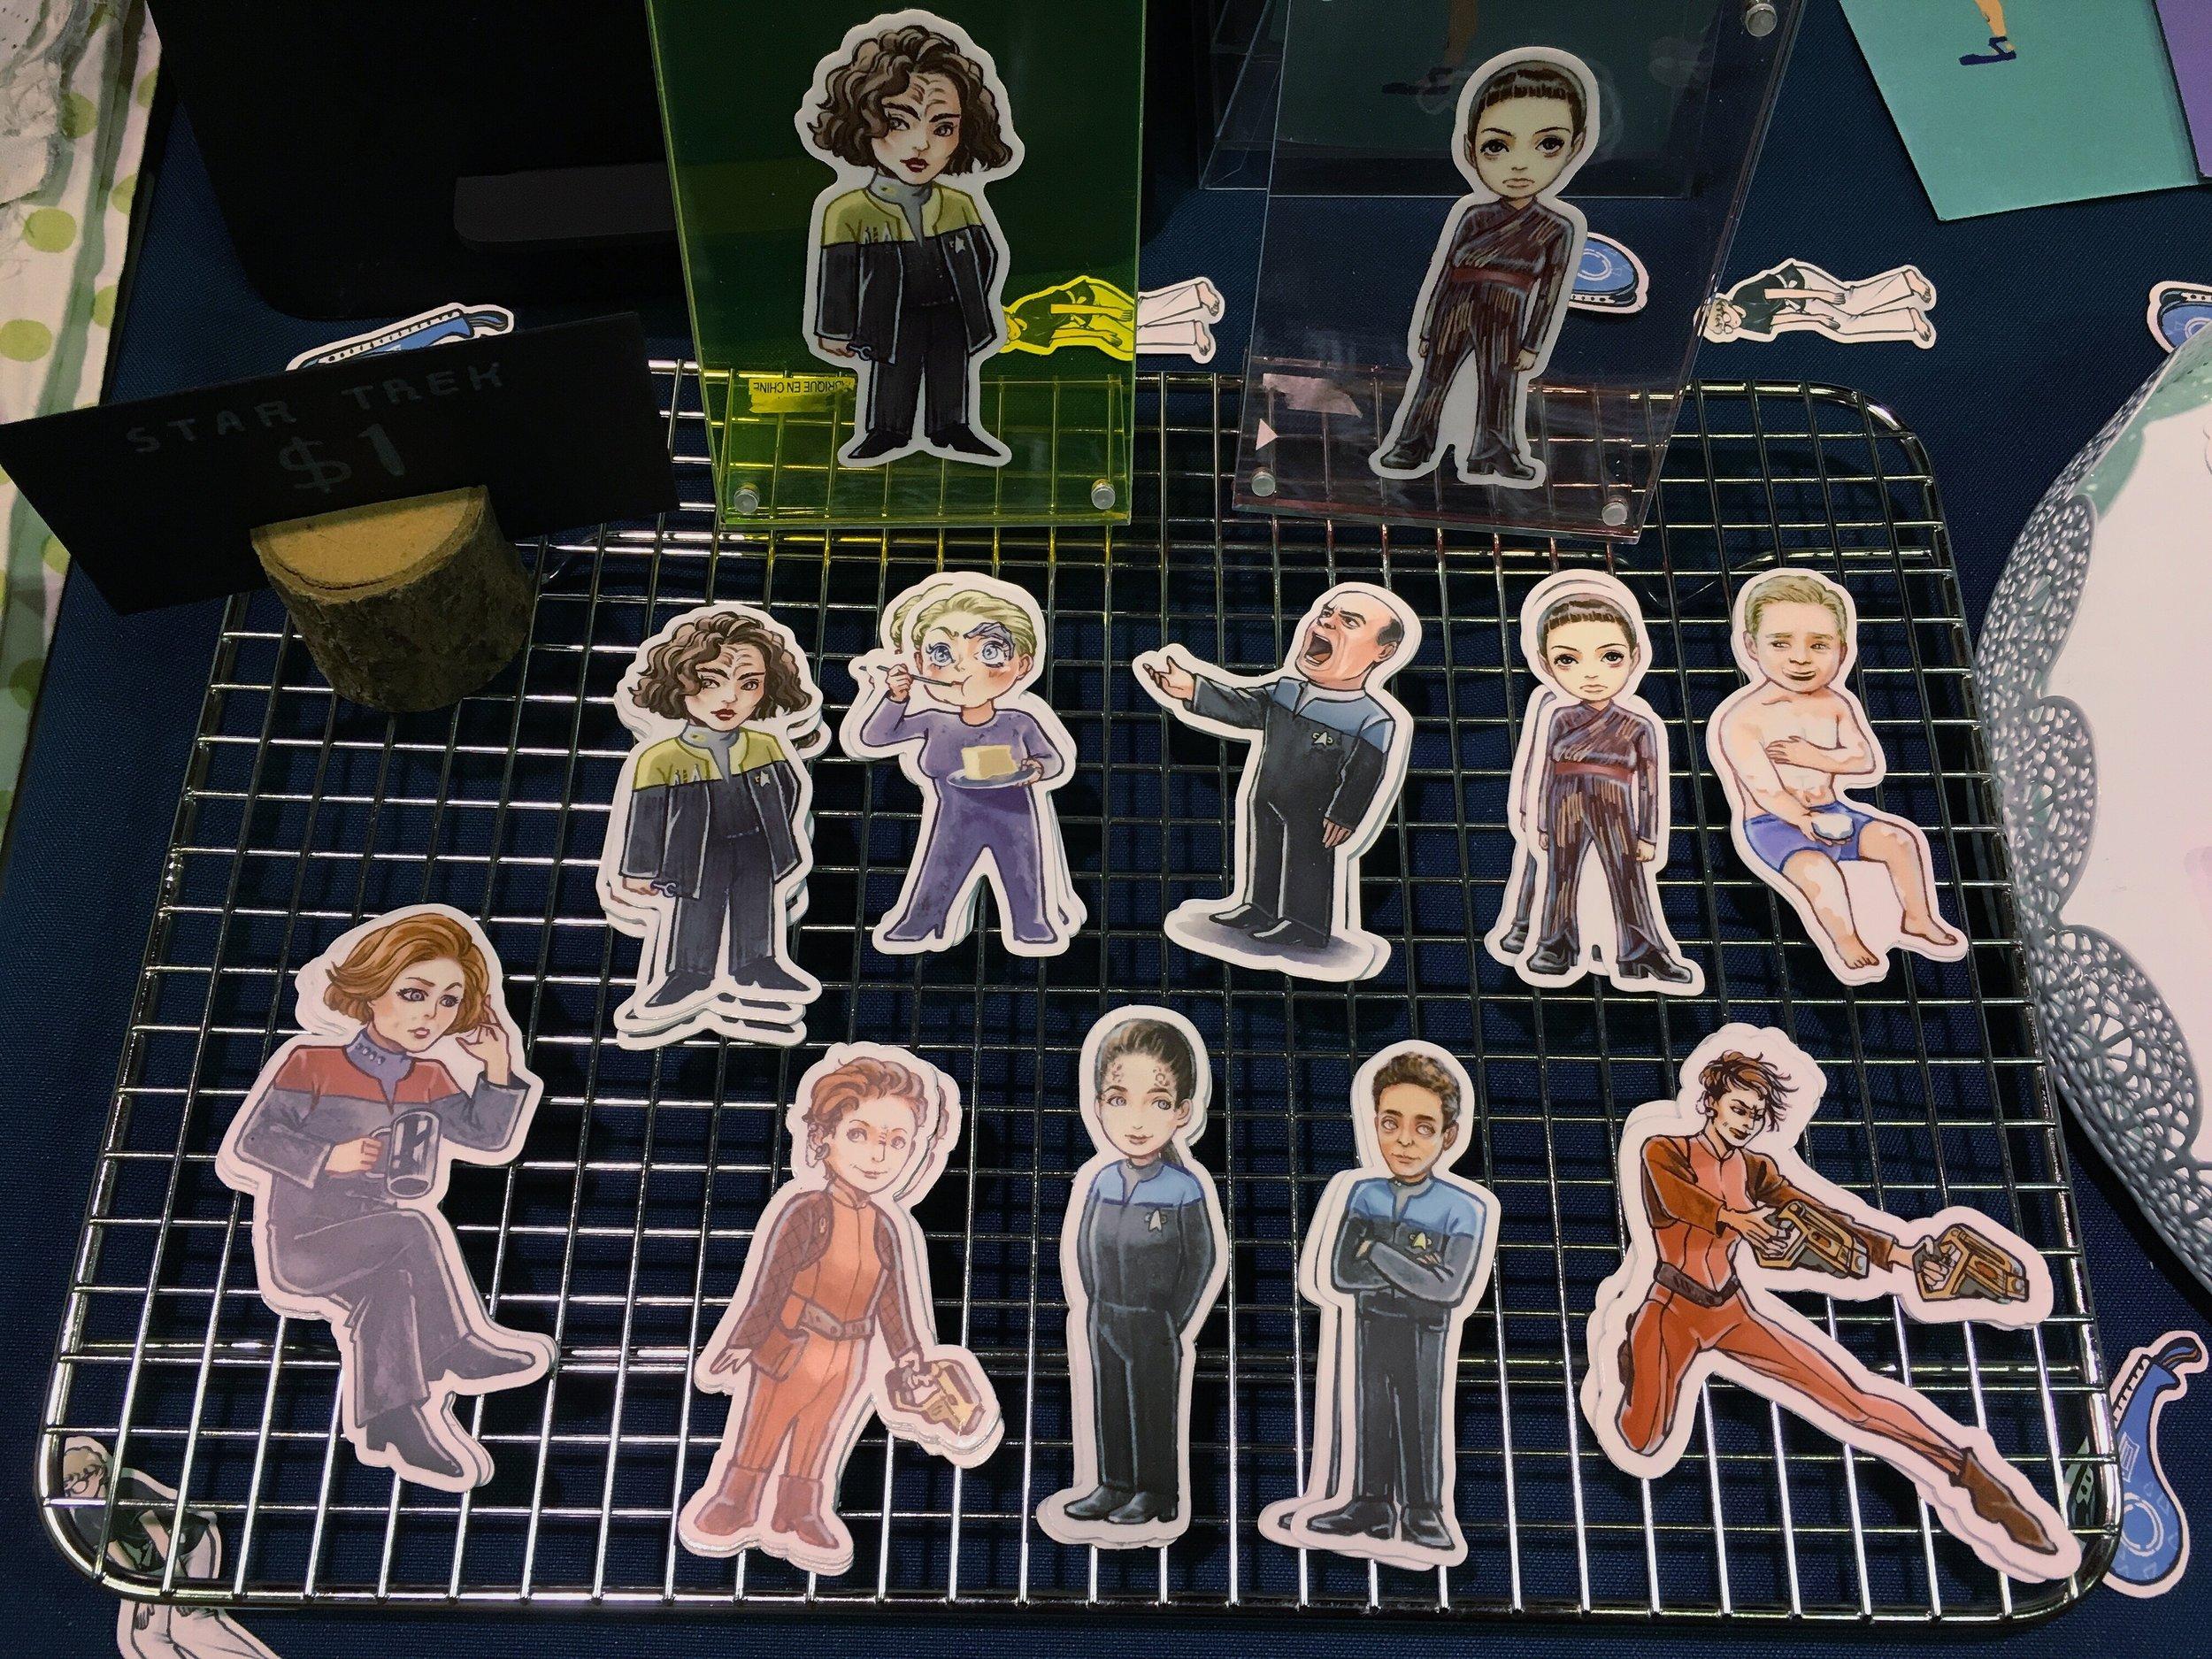 My Star Trek fan art stickers